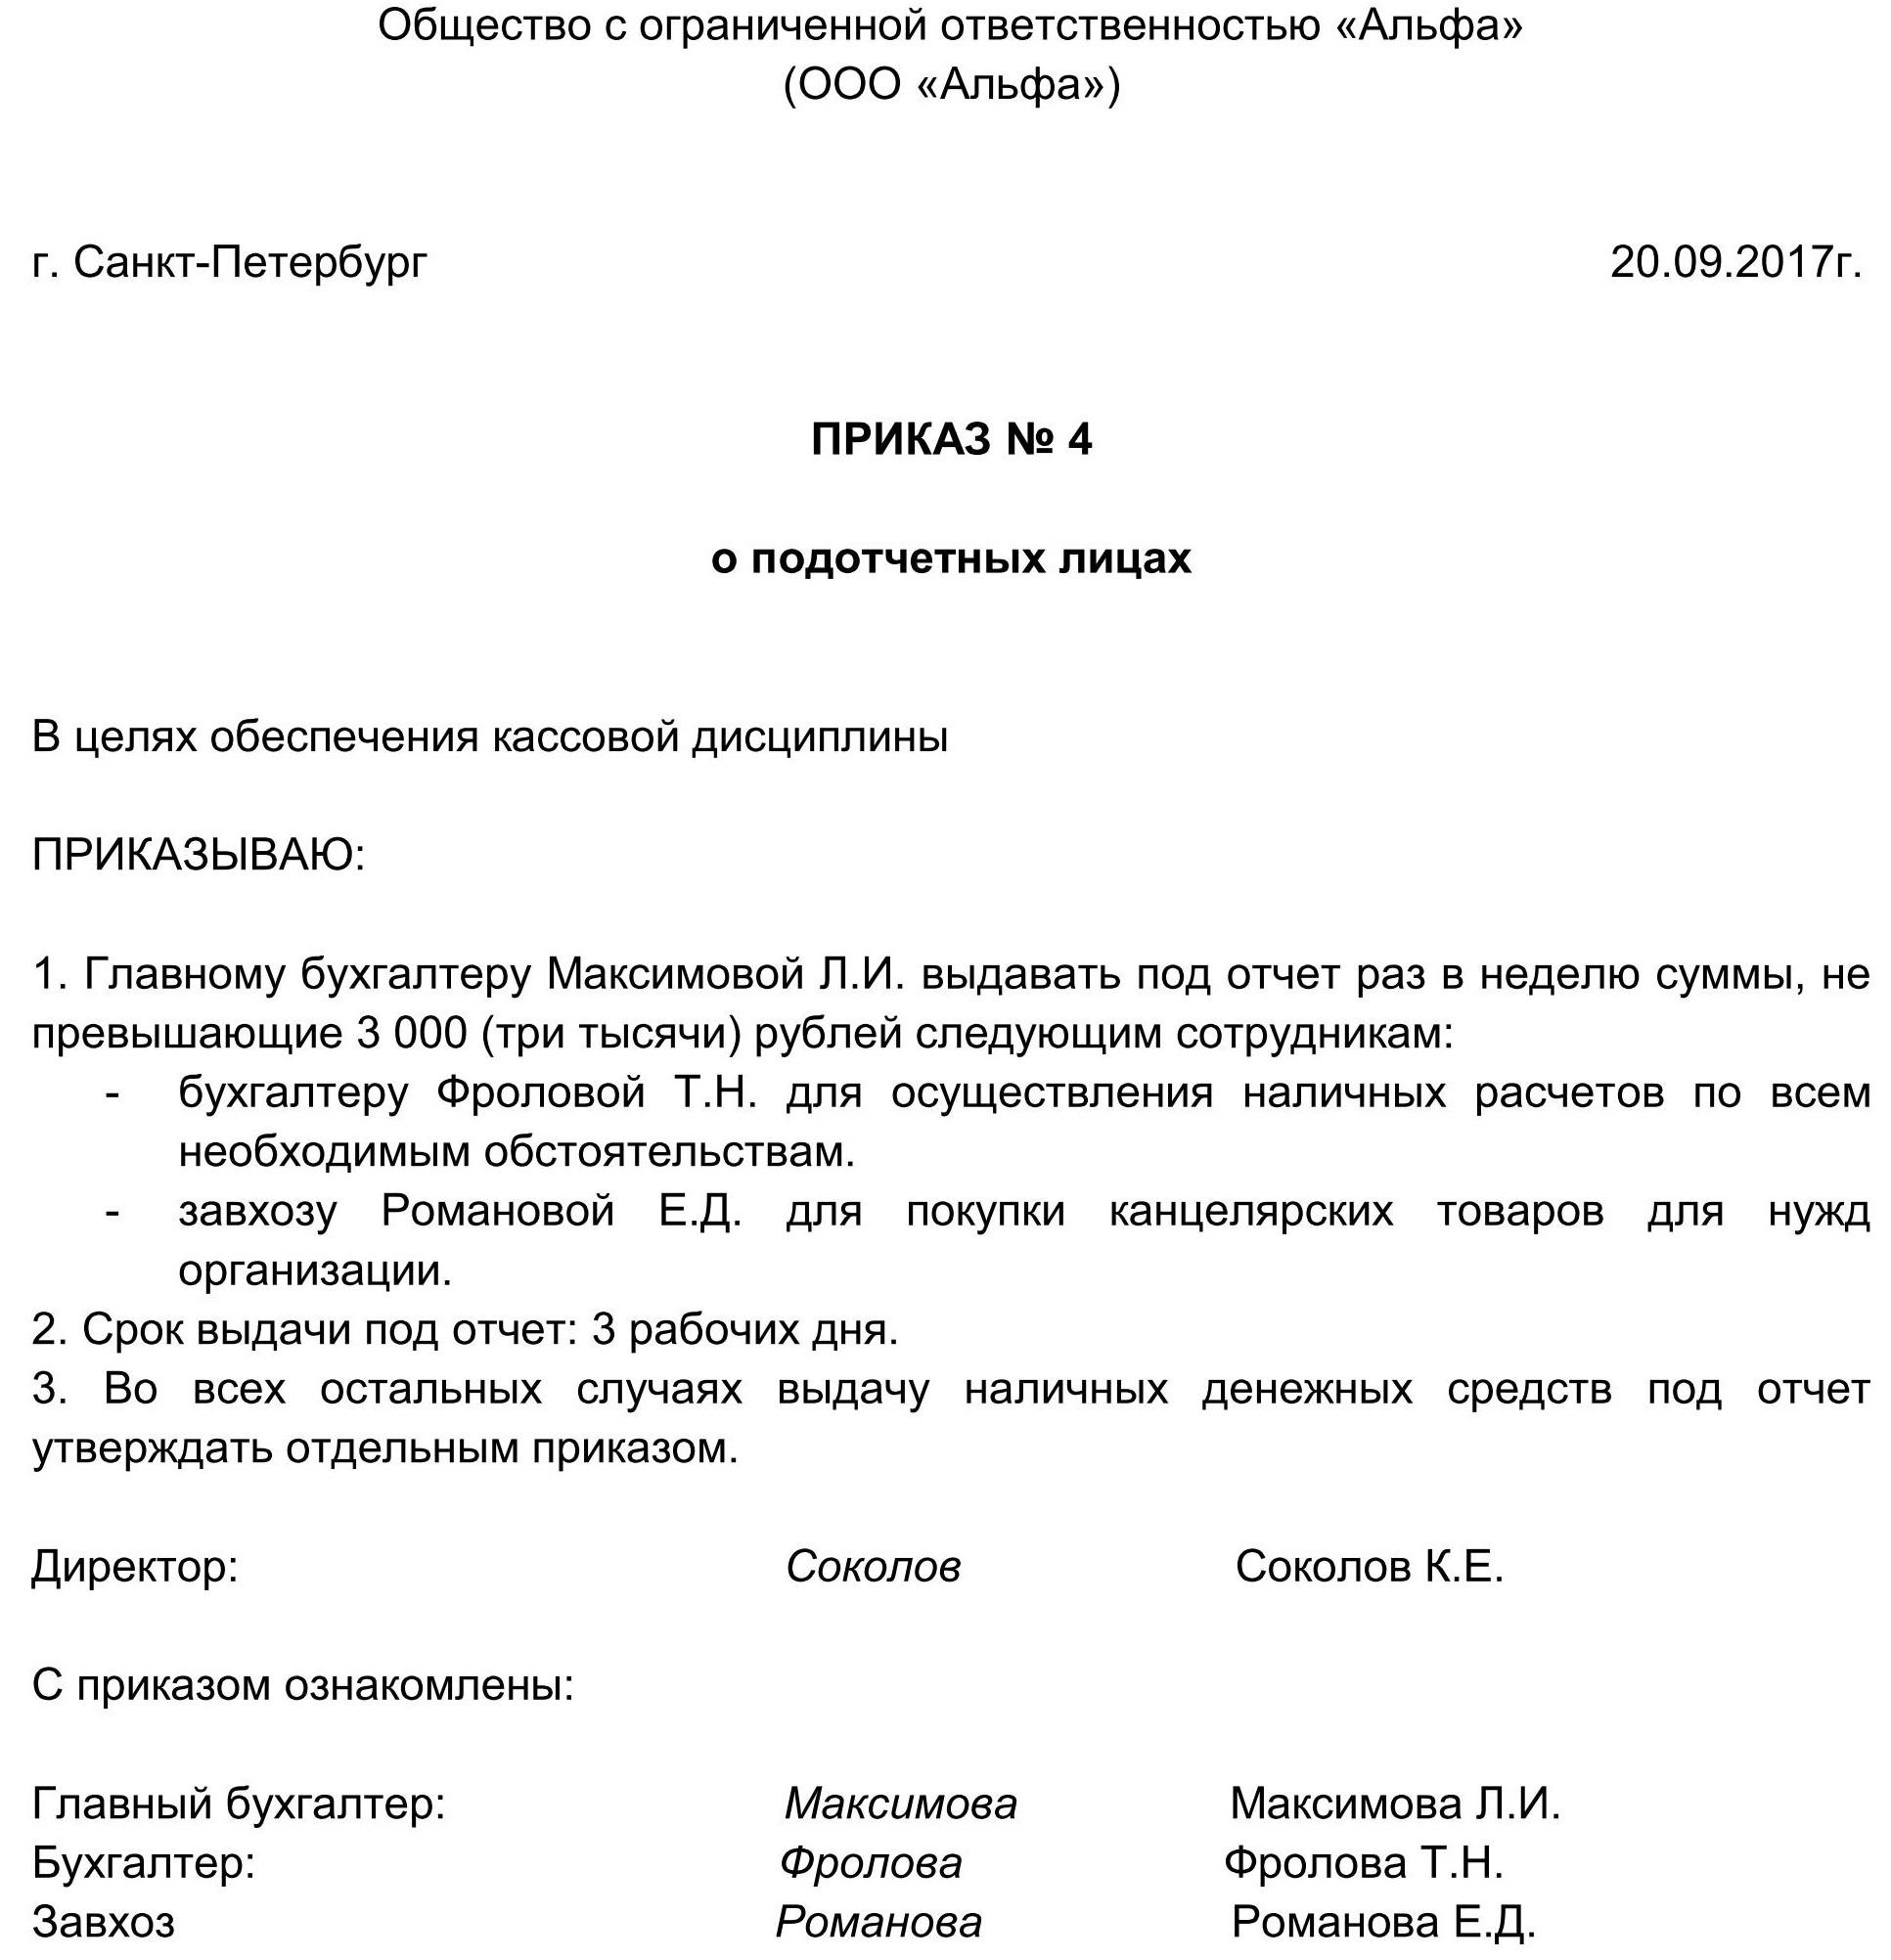 Надо ли пенсионеру платить за вывоз мусора в московскои области